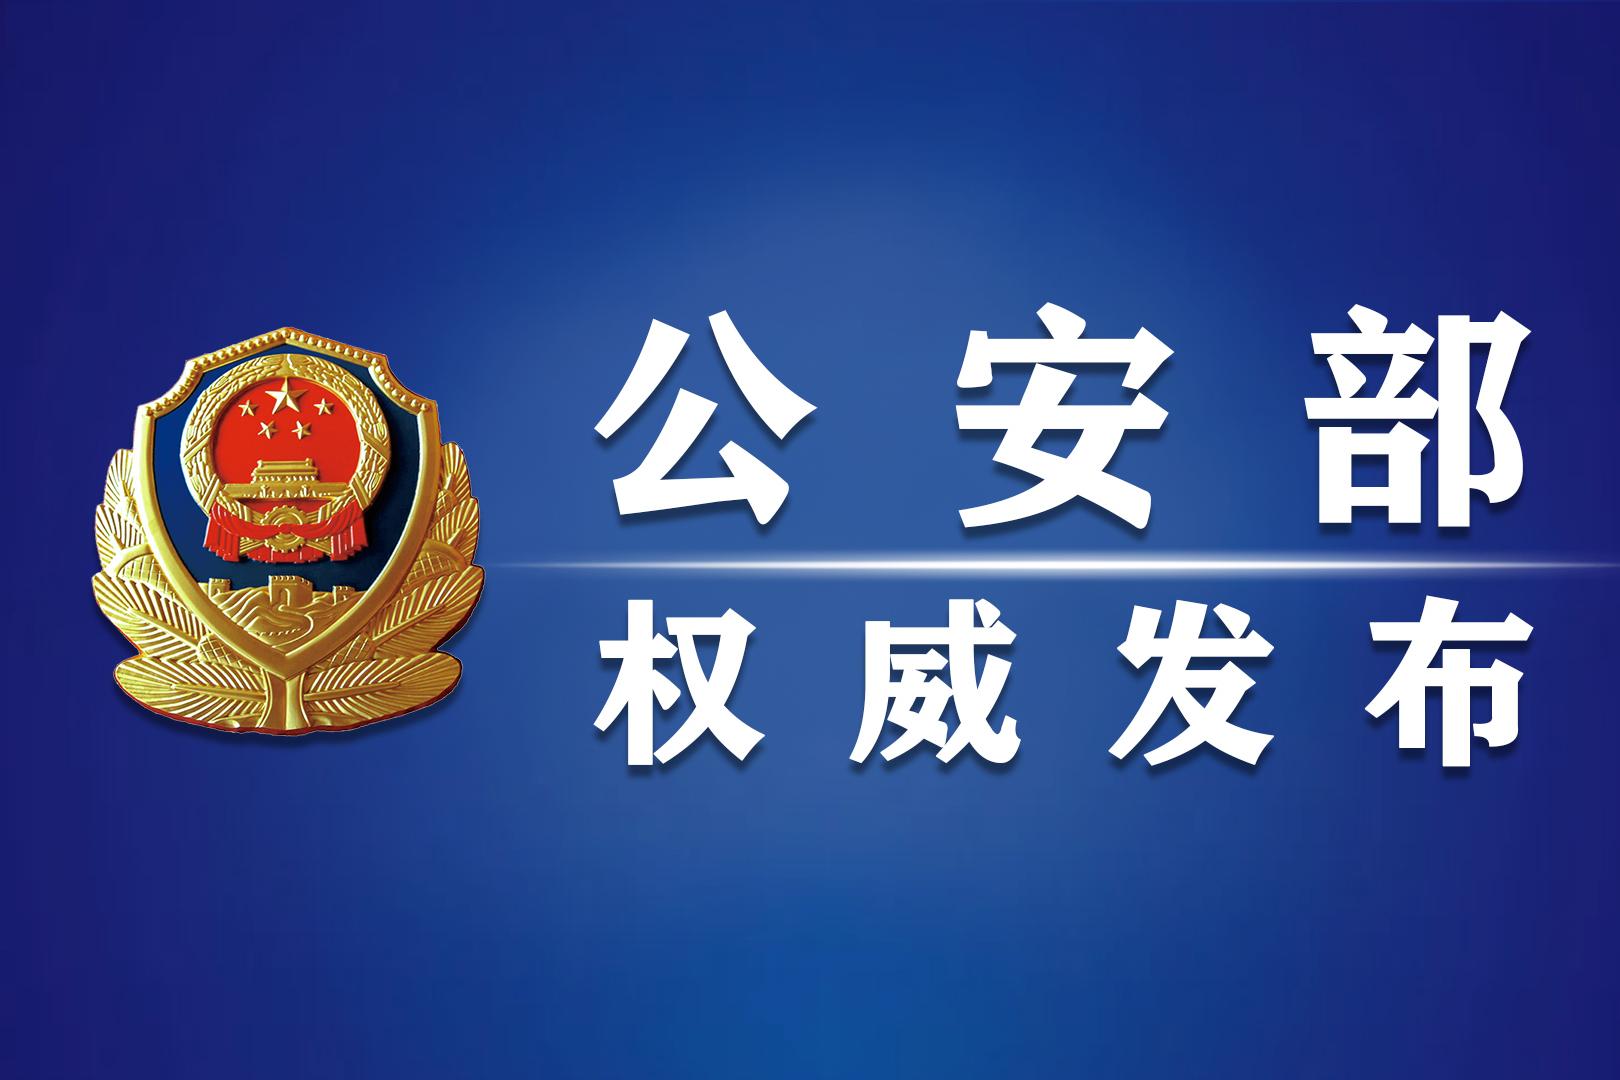 【全民反诈】全国反诈防诈系列宣传活动正式启动